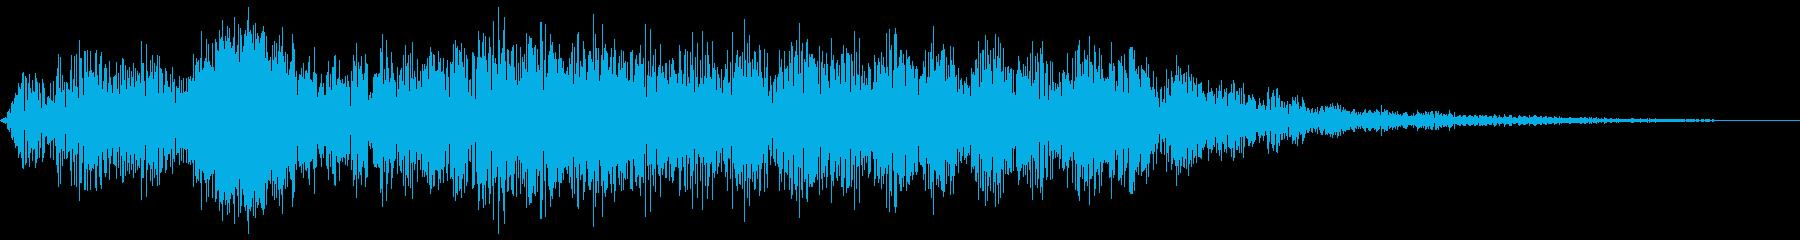 不気味なモンスターのうめき声低音・長めの再生済みの波形